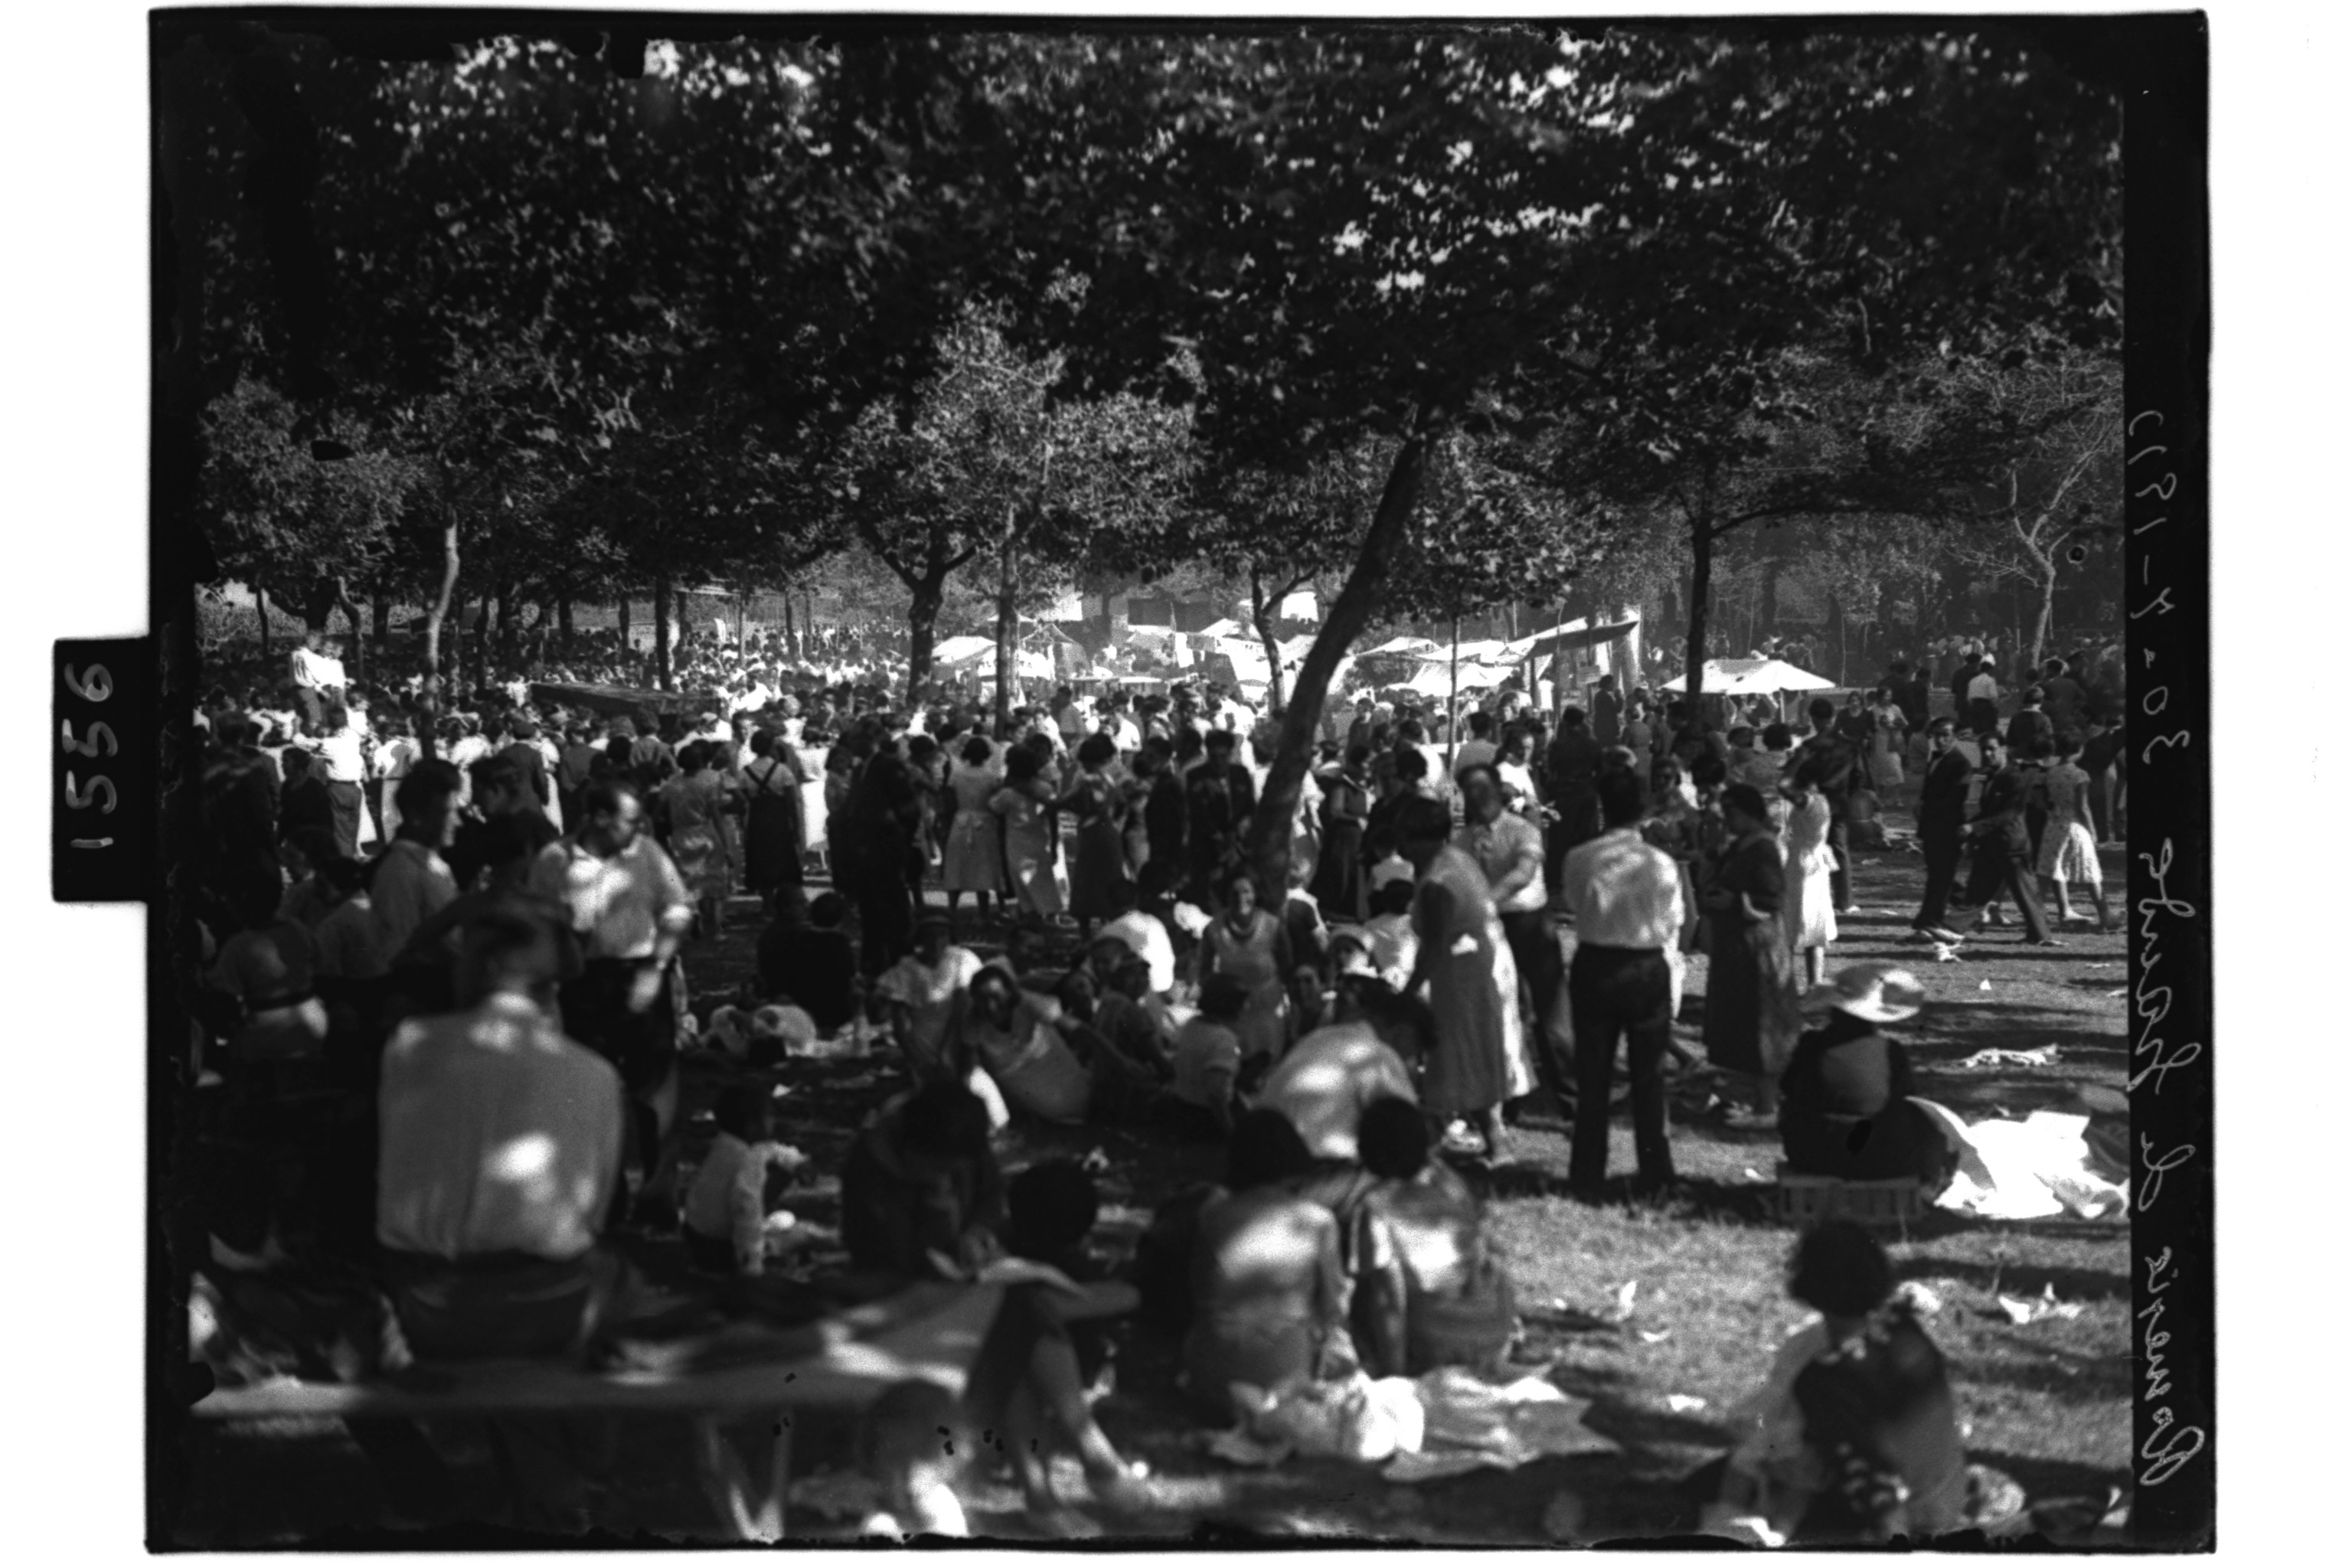 AV Granda - Nostalgia y Recuerdos - Asociacion de Vecinos Santo Tomas de Granda